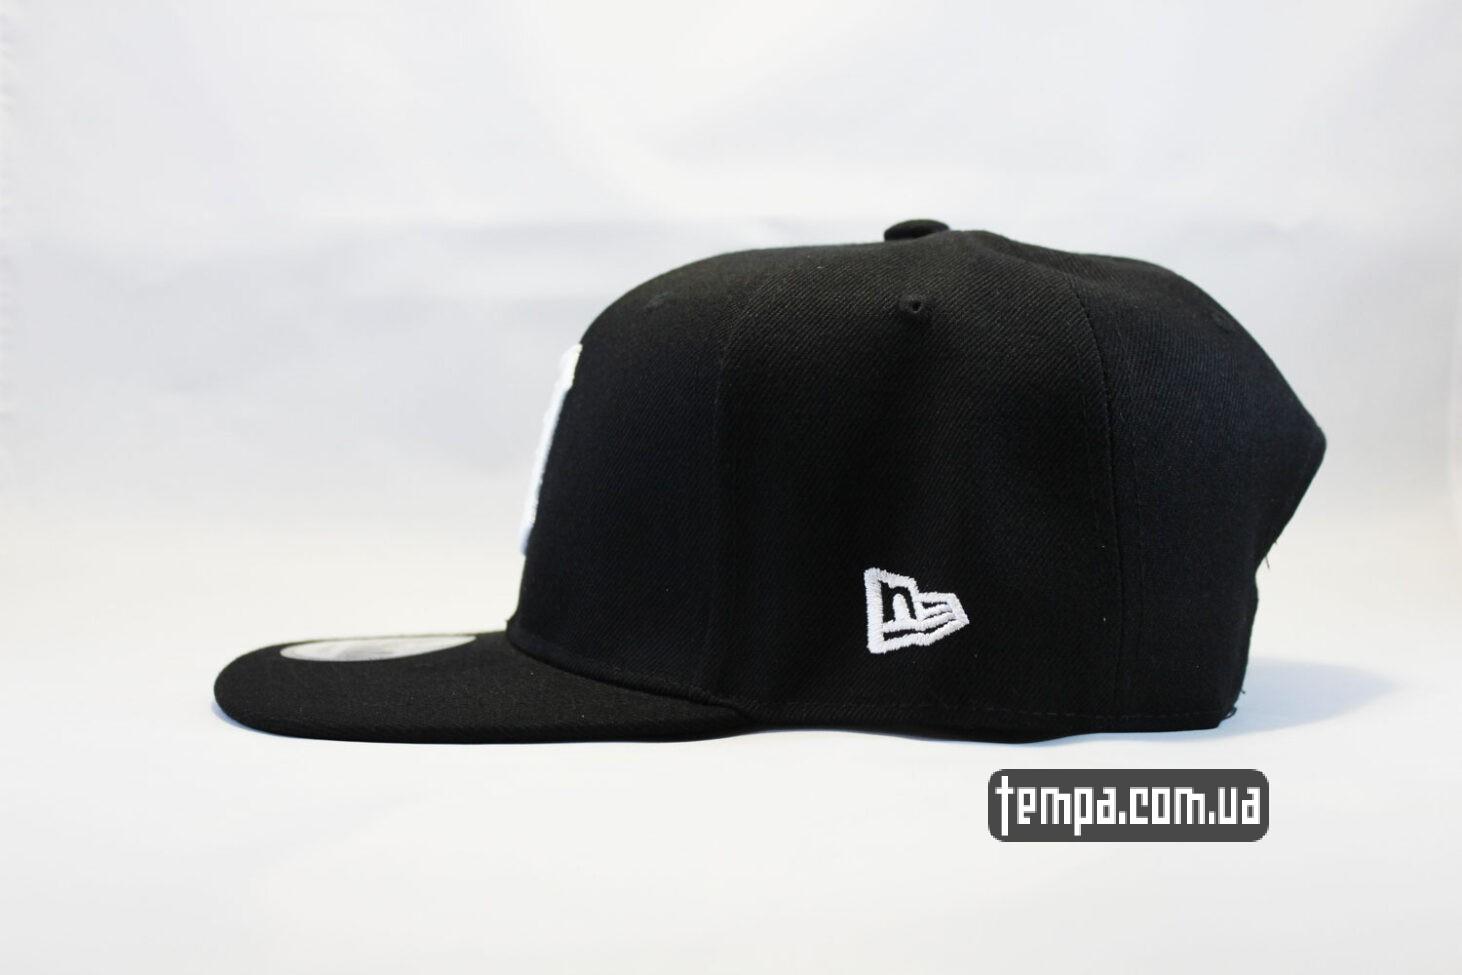 детроит сша купить одежда кепка snapback detroit newera черная бейсболка